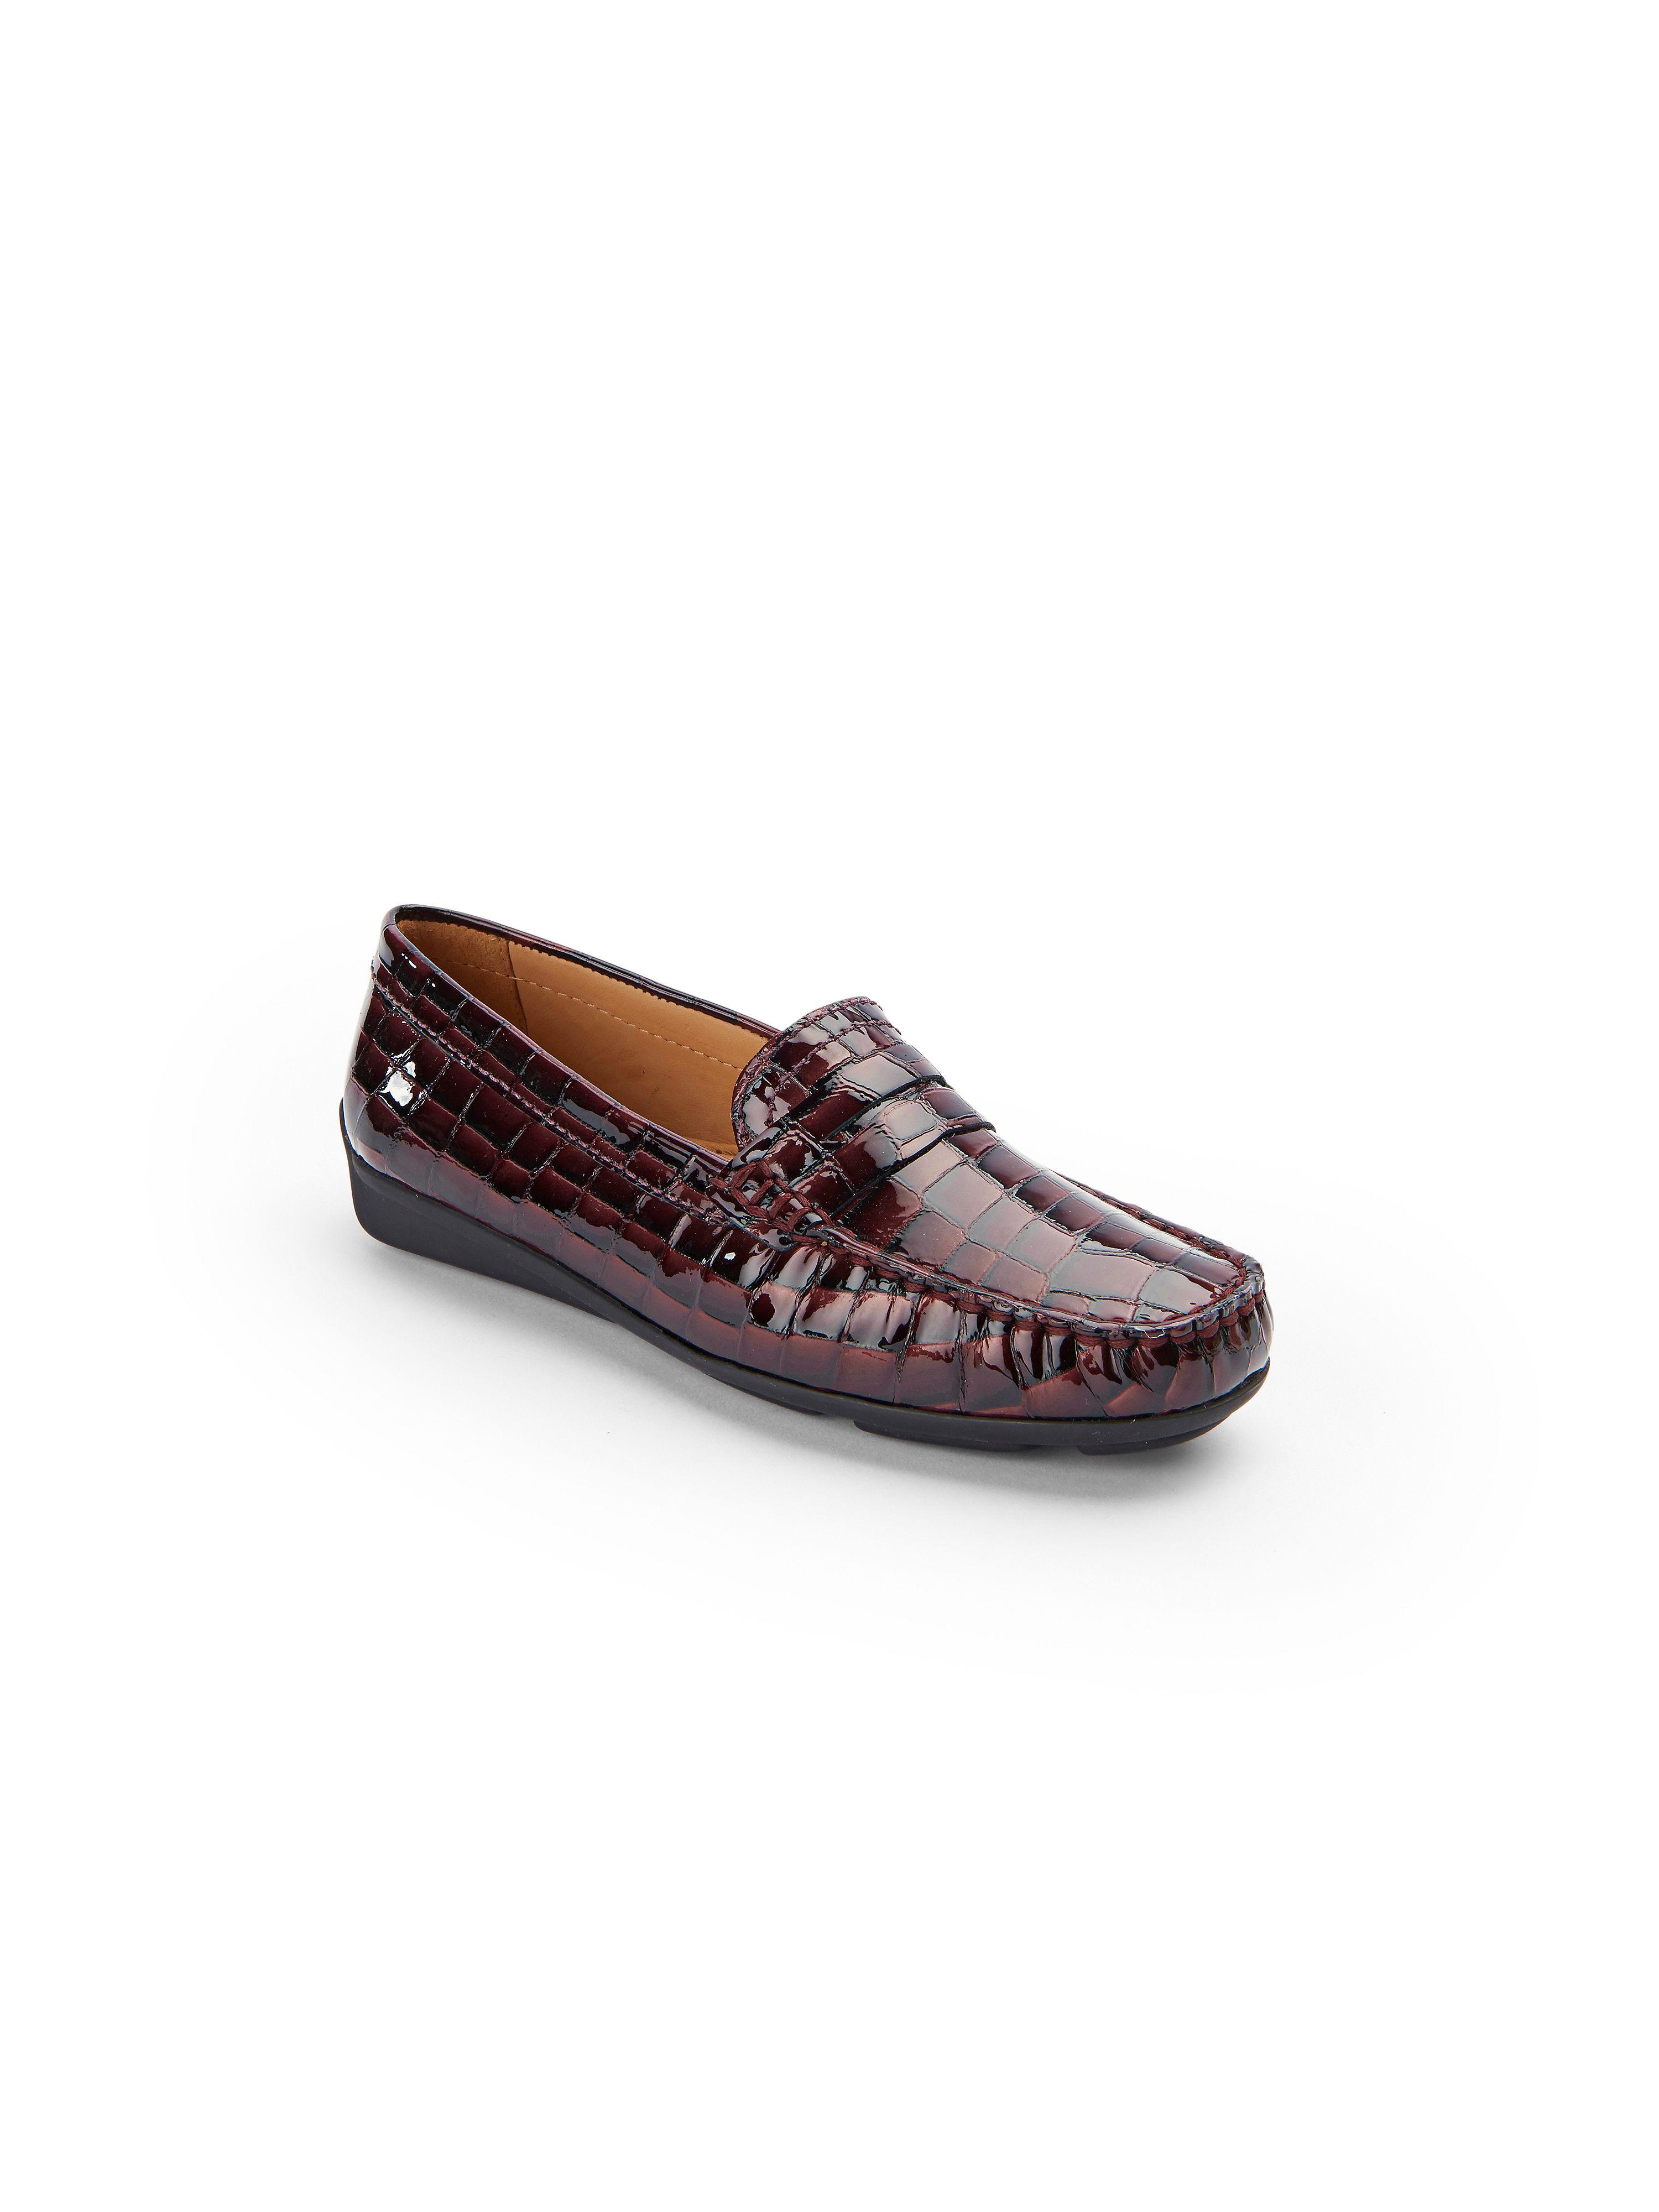 Wirth - Mokassin - Bordeaux Gute Qualität beliebte Schuhe